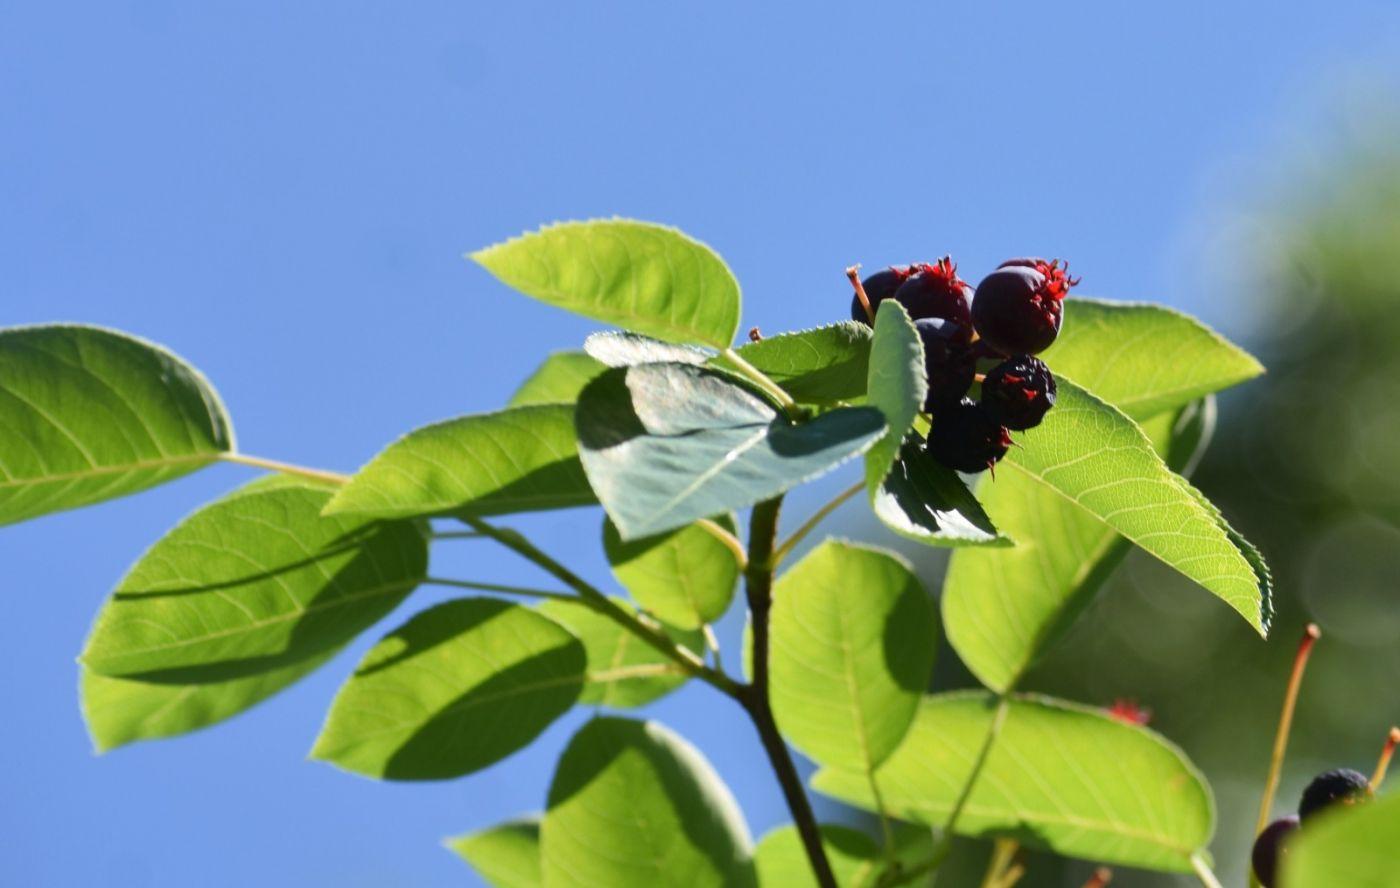 花楸树的果实_图1-18